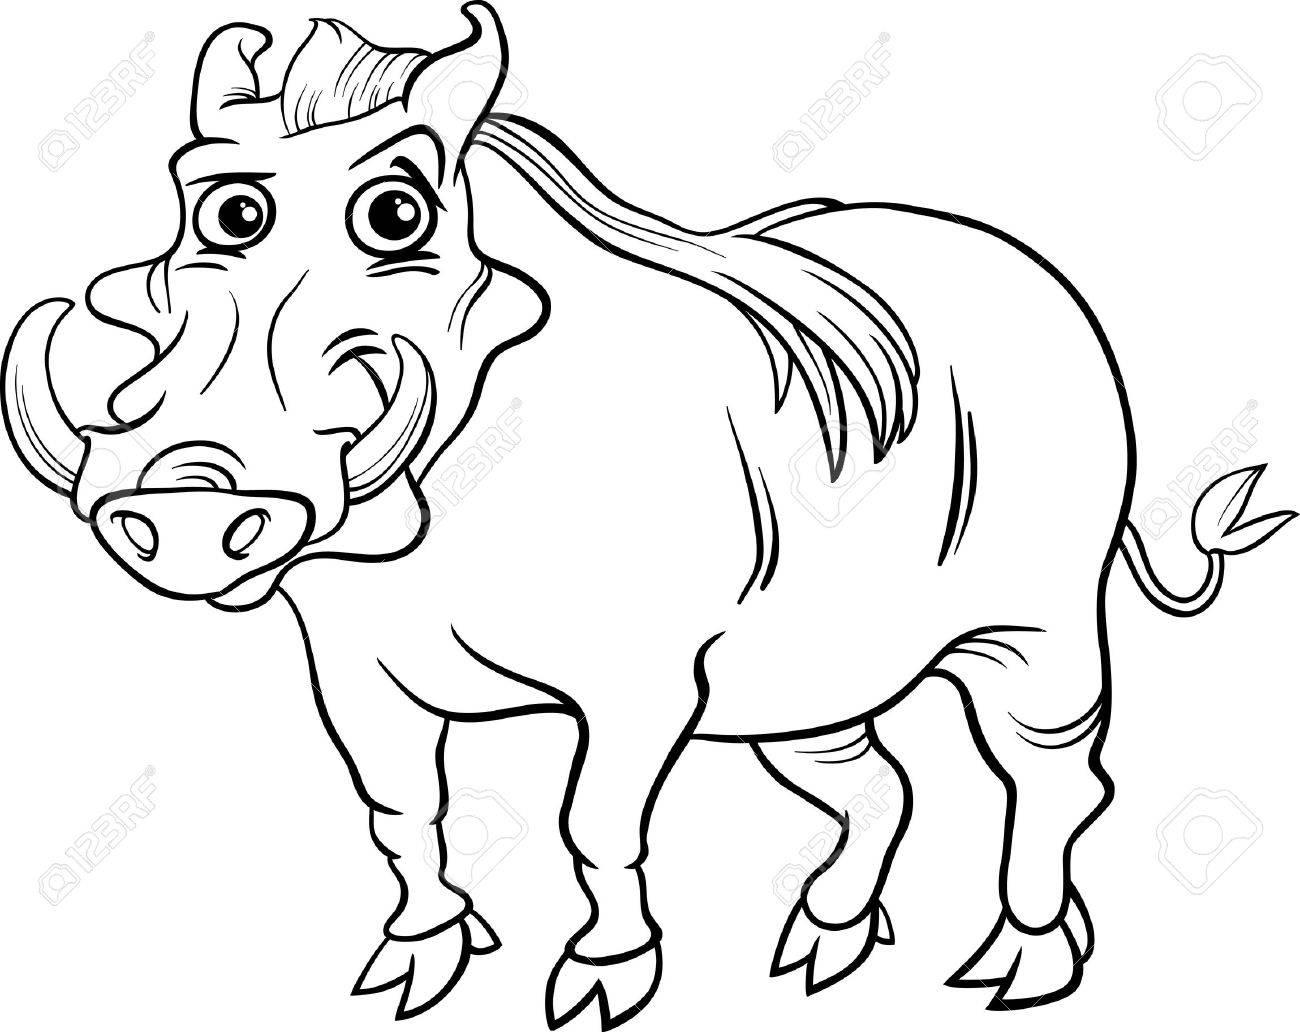 面白いイボイノシシ動物の塗り絵の黒と白の漫画イラストのイラスト素材